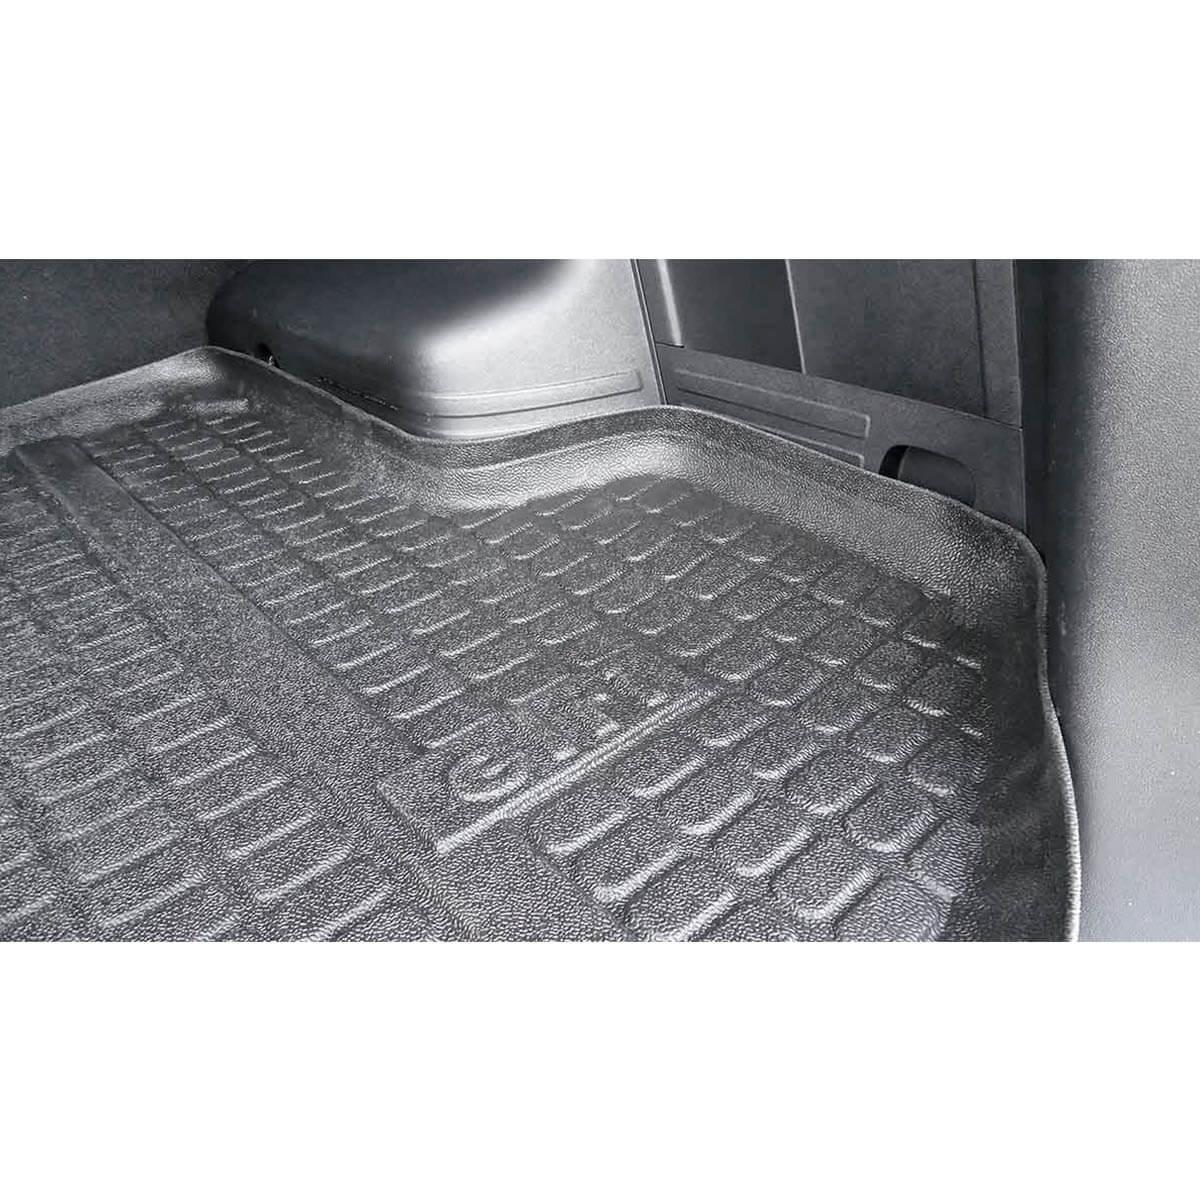 Bandeja tapete porta malas Corolla 2009 a 2014 ou Corolla 2015 a 2018